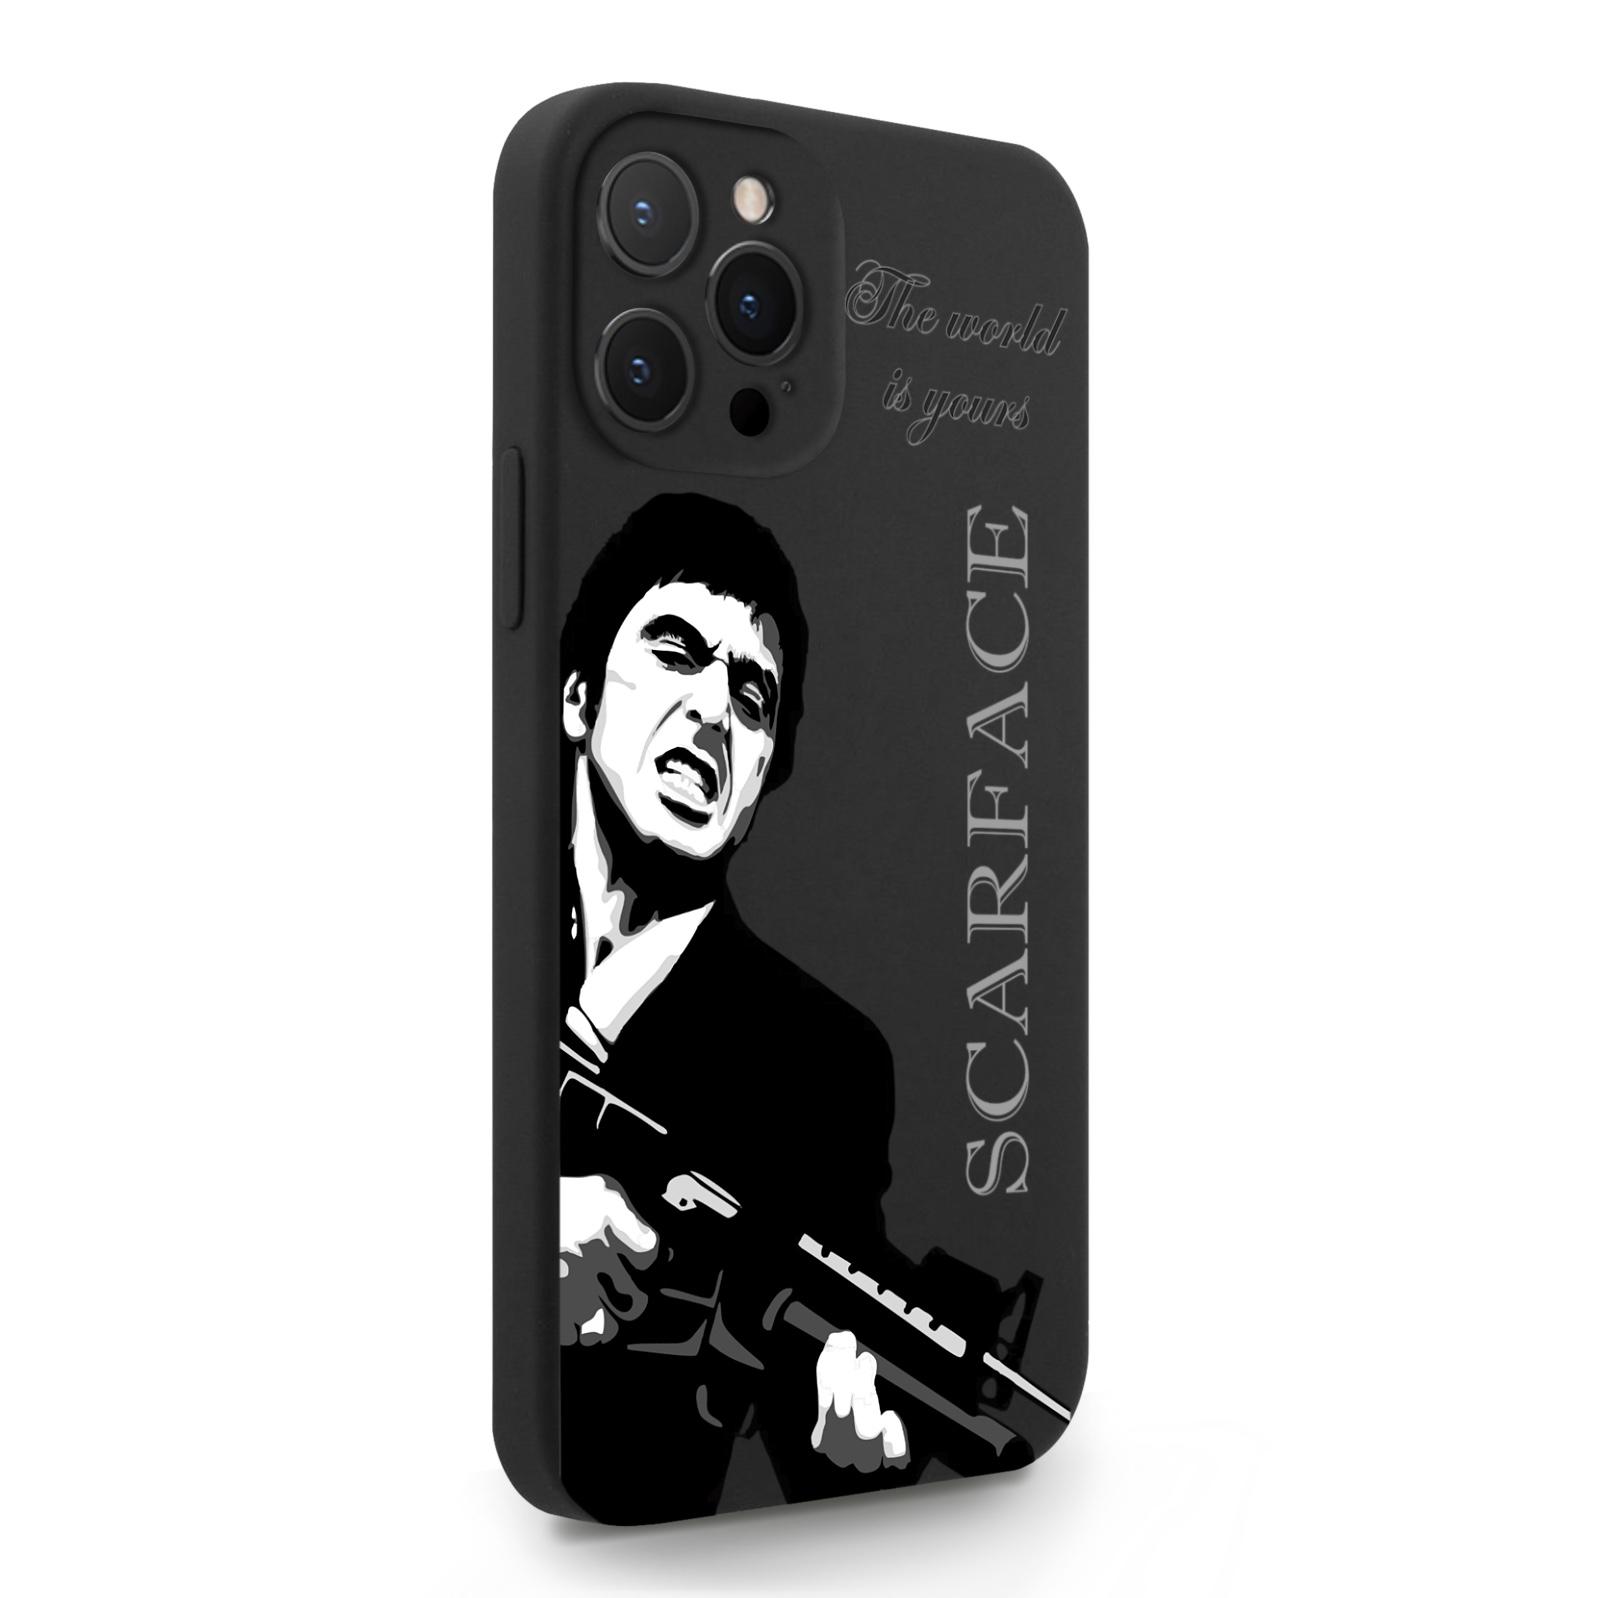 Черный силиконовый чехол для iPhone 12 Pro Max Scarface Tony Montana/ Лицо со шрамом для Айфон 12 Про Макс